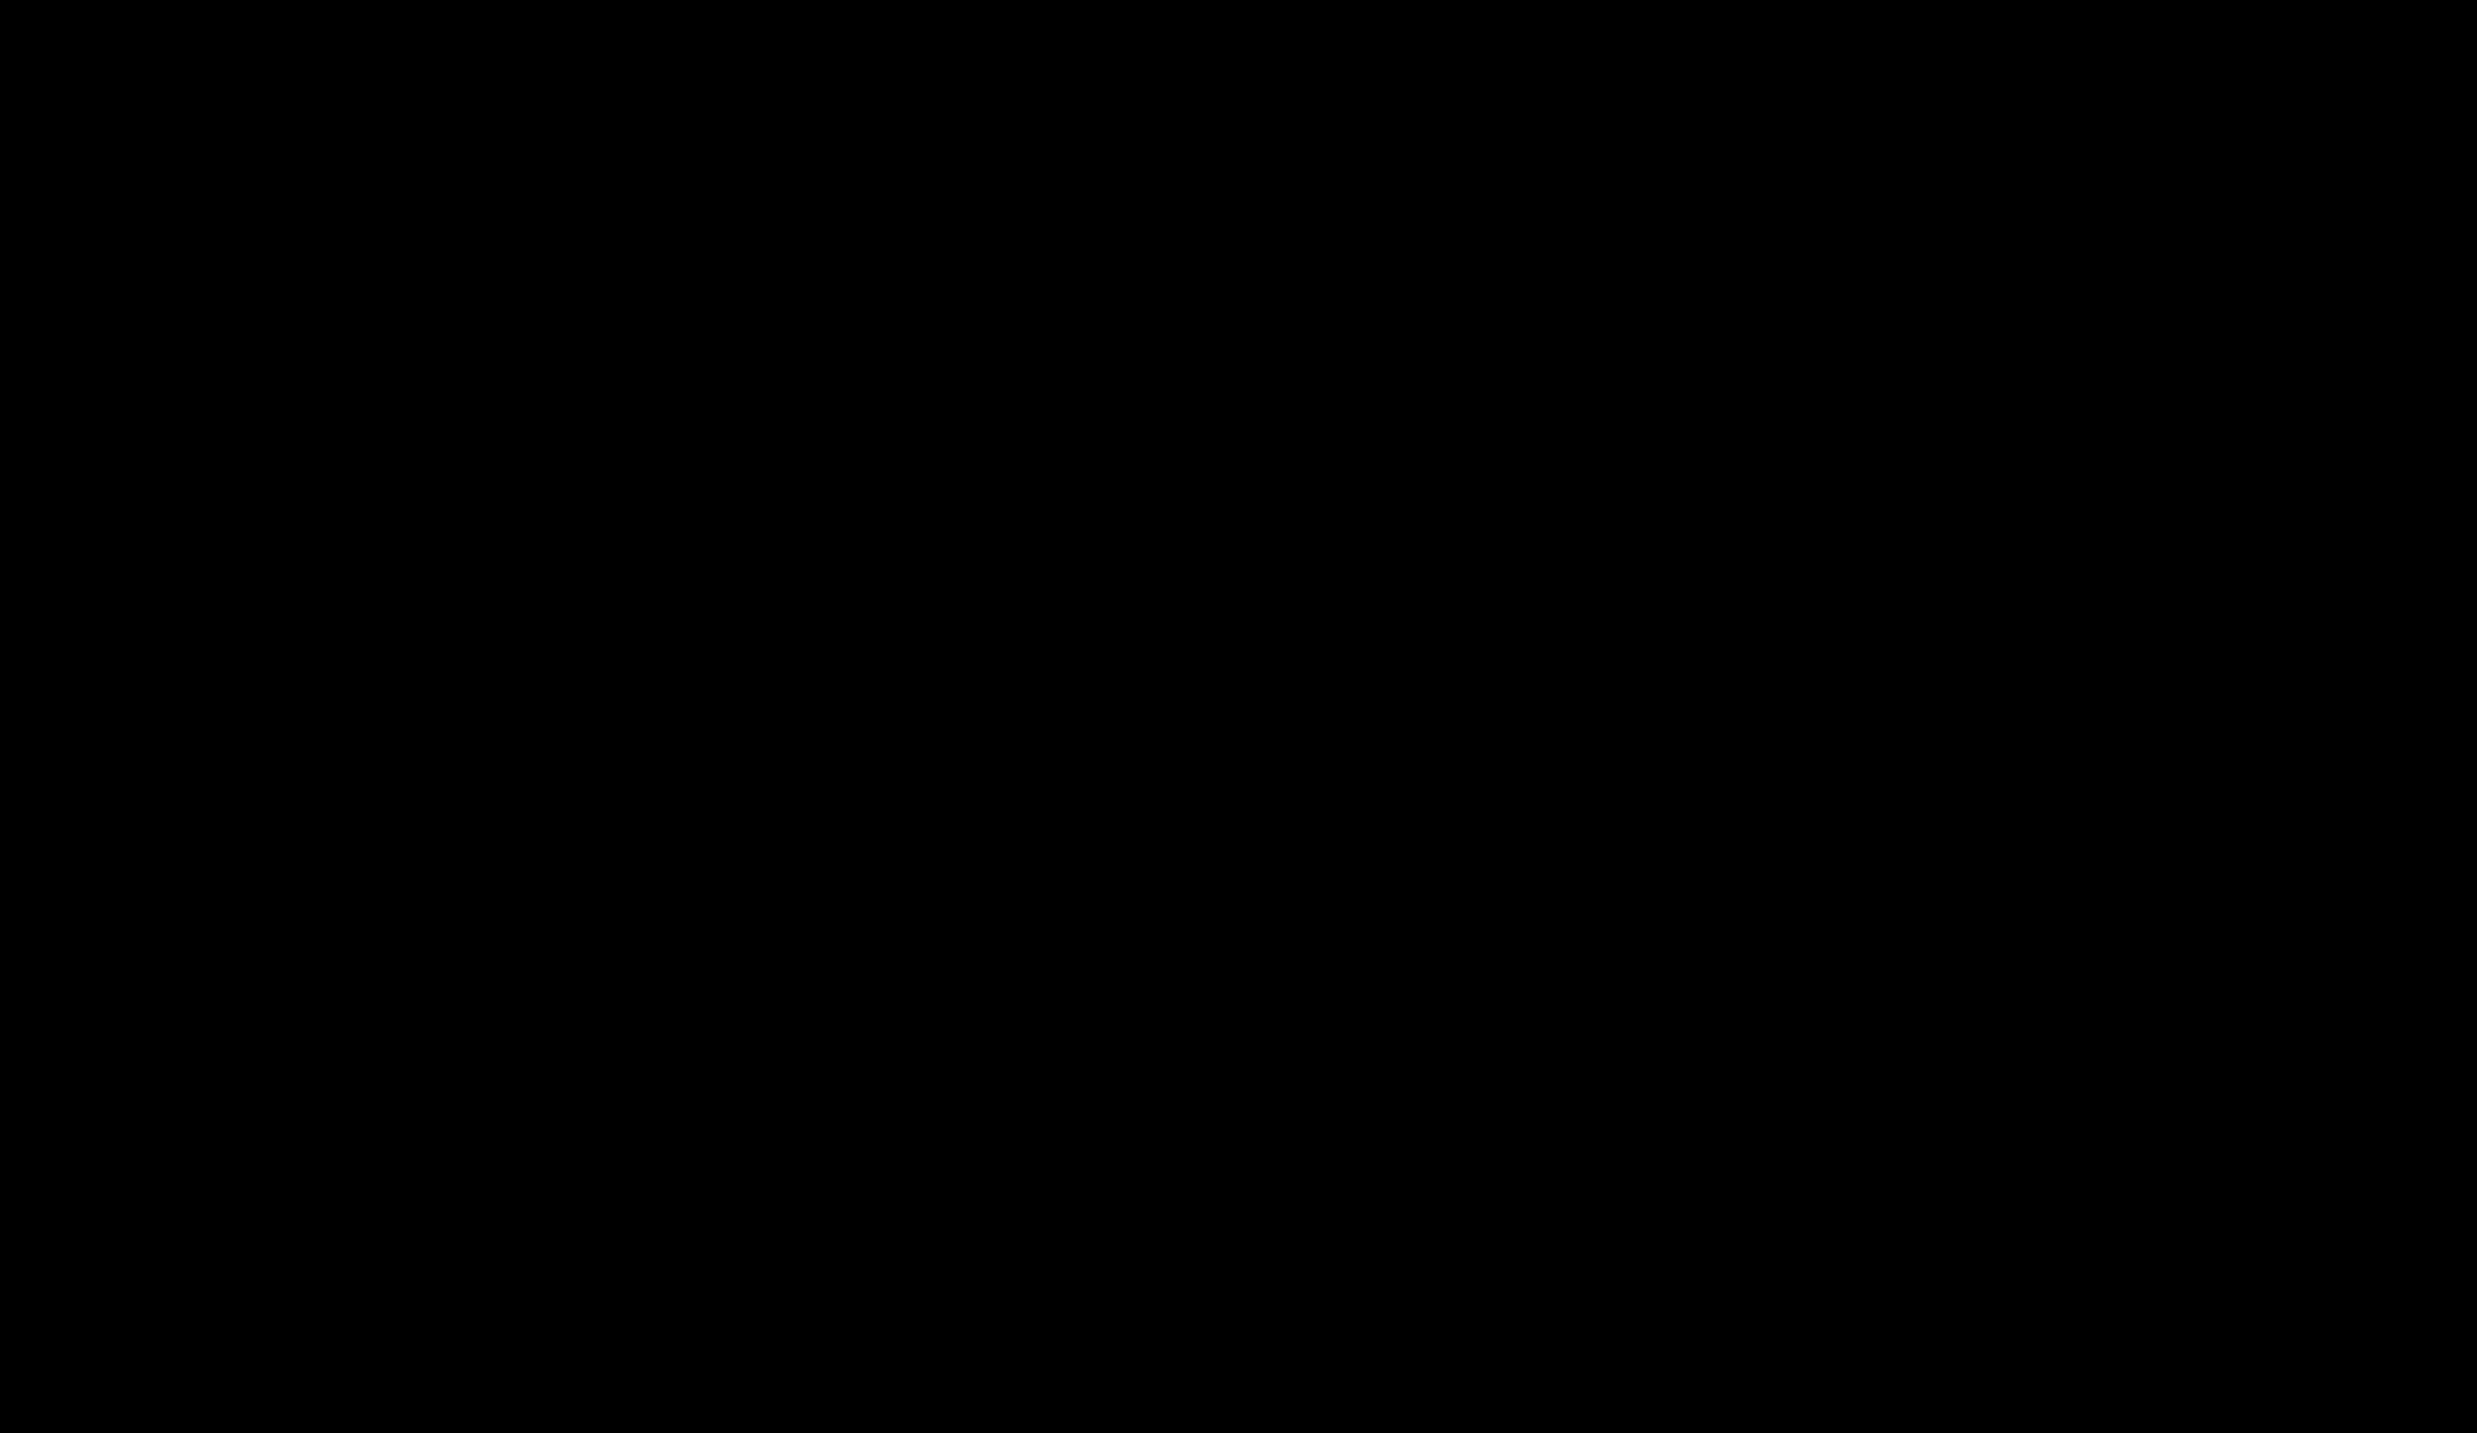 satellite-drawing-9.png